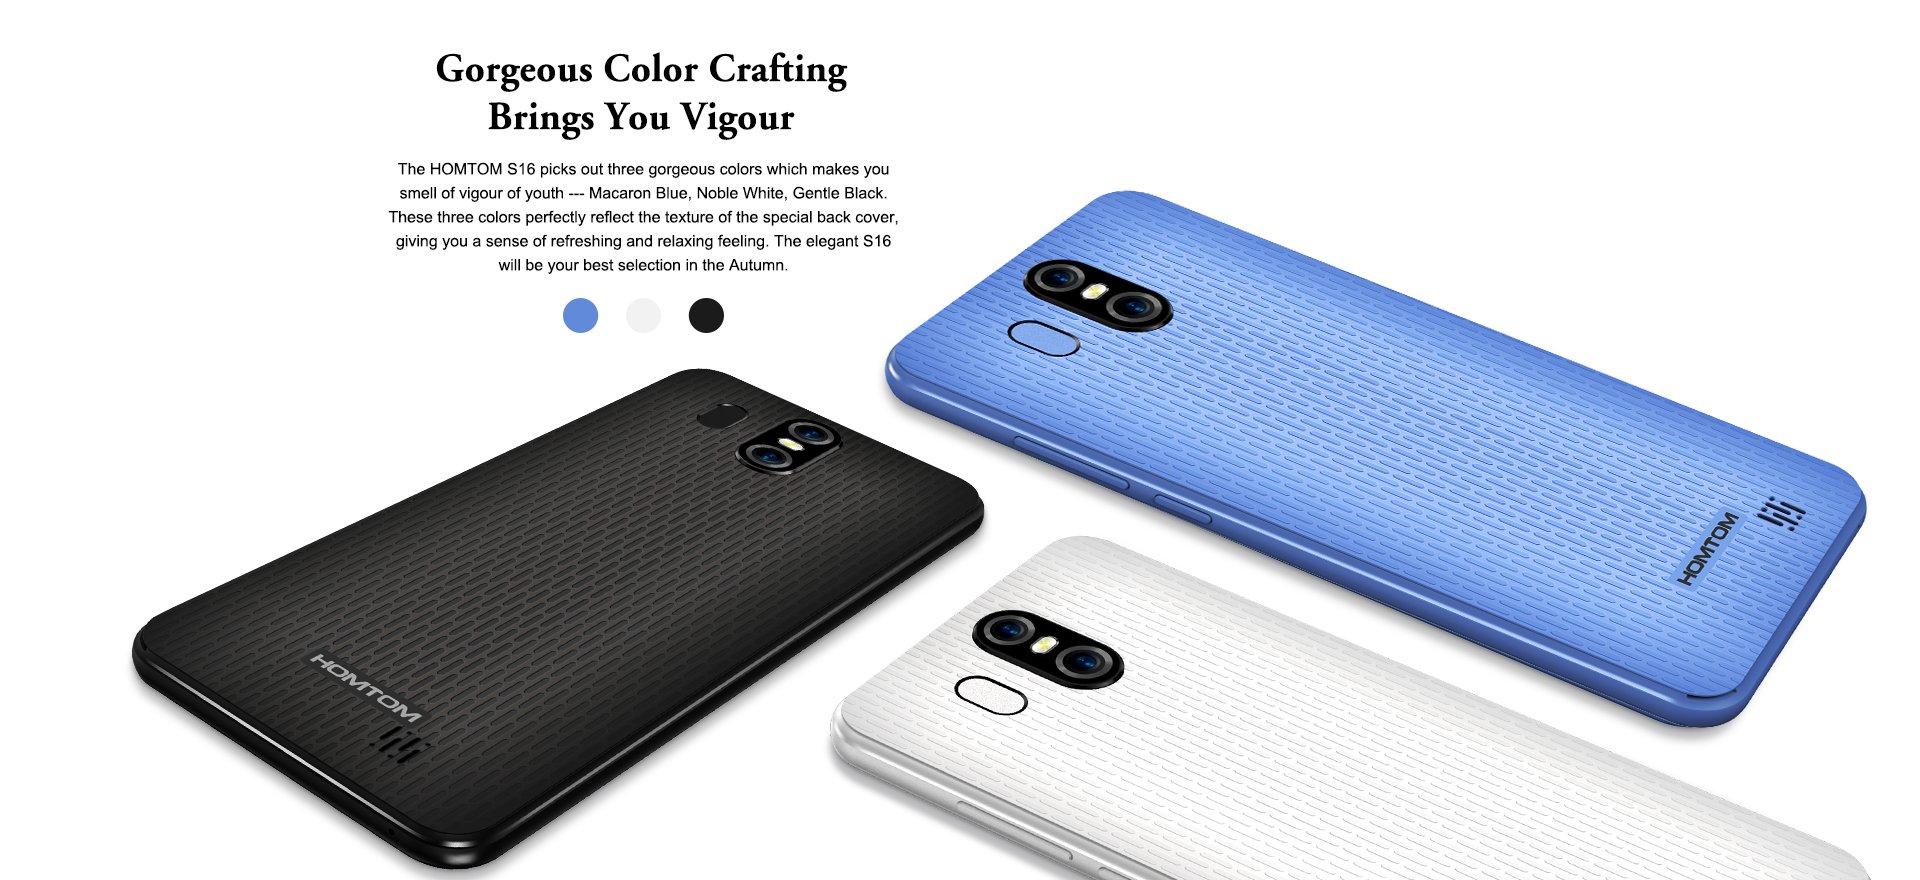 Tabletowo.pl HOMTOM S16 oficjalnie - ma ekran 18:9, podwójny aparat i jest bardzo tani Android Chińskie Nowości Smartfony